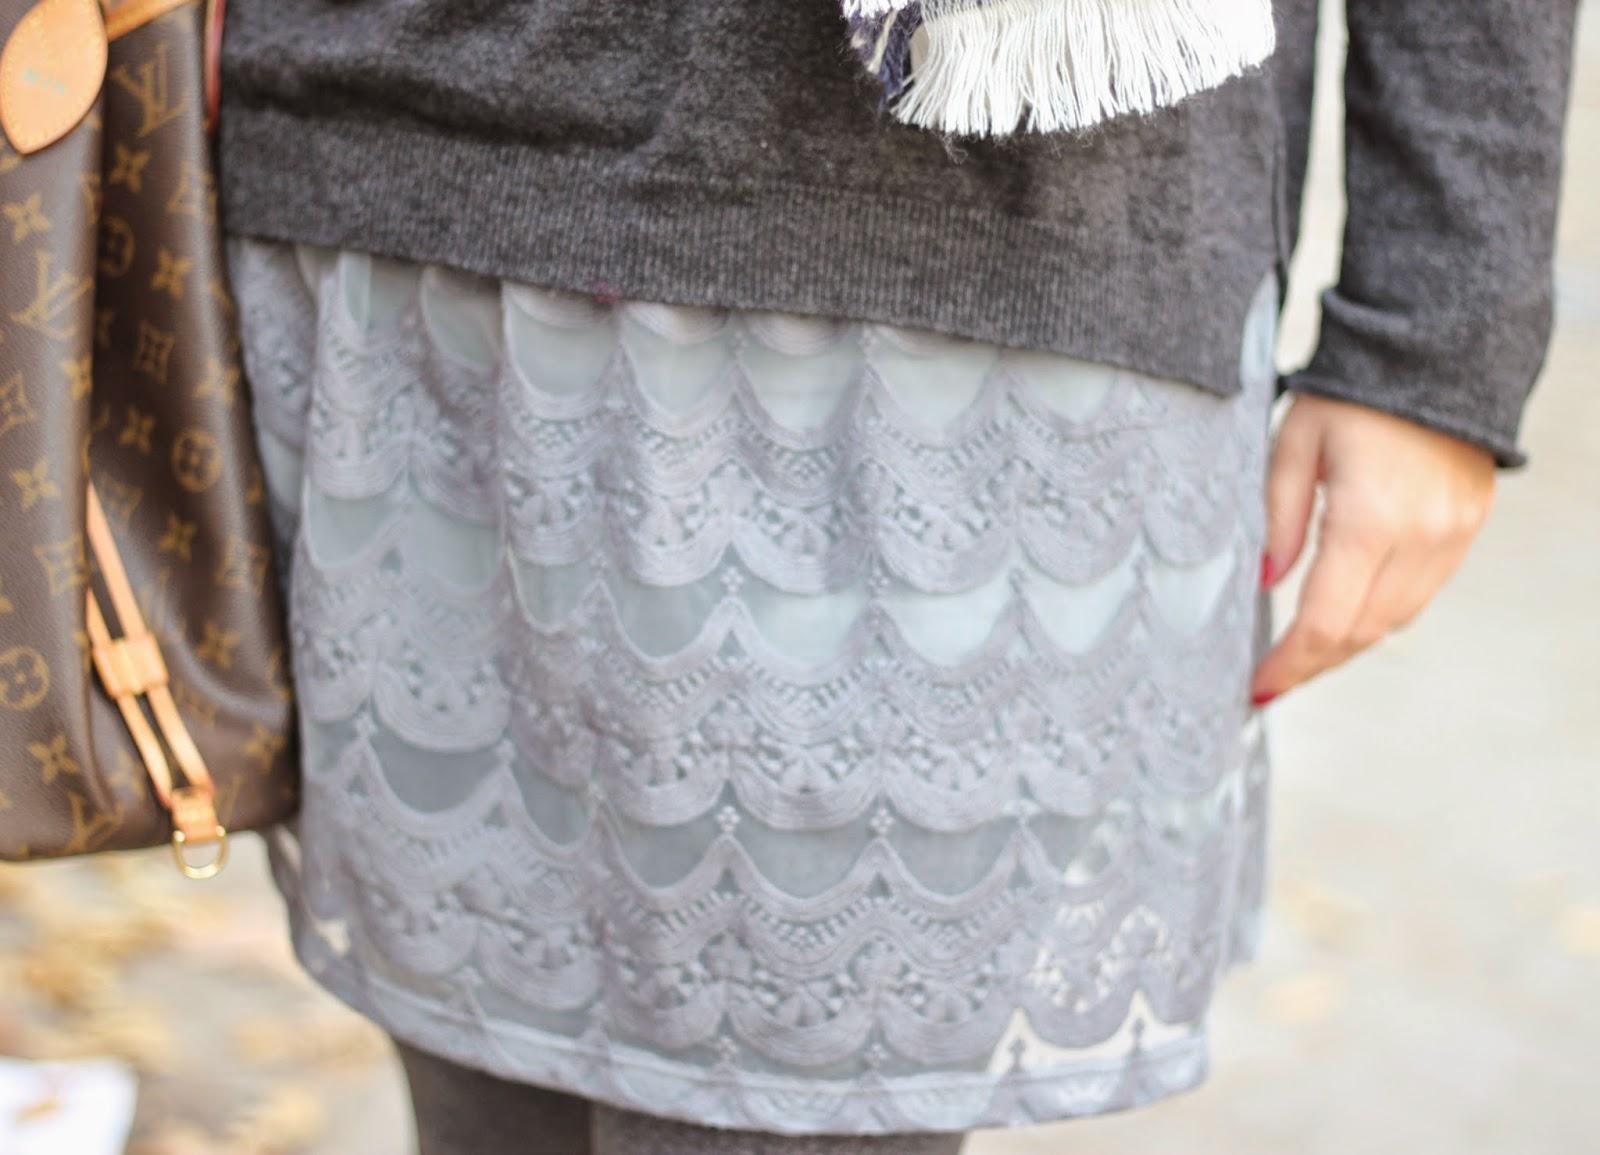 photo-look-street_style-jersey-ese_o_ese-falda_encaje-zara_kids